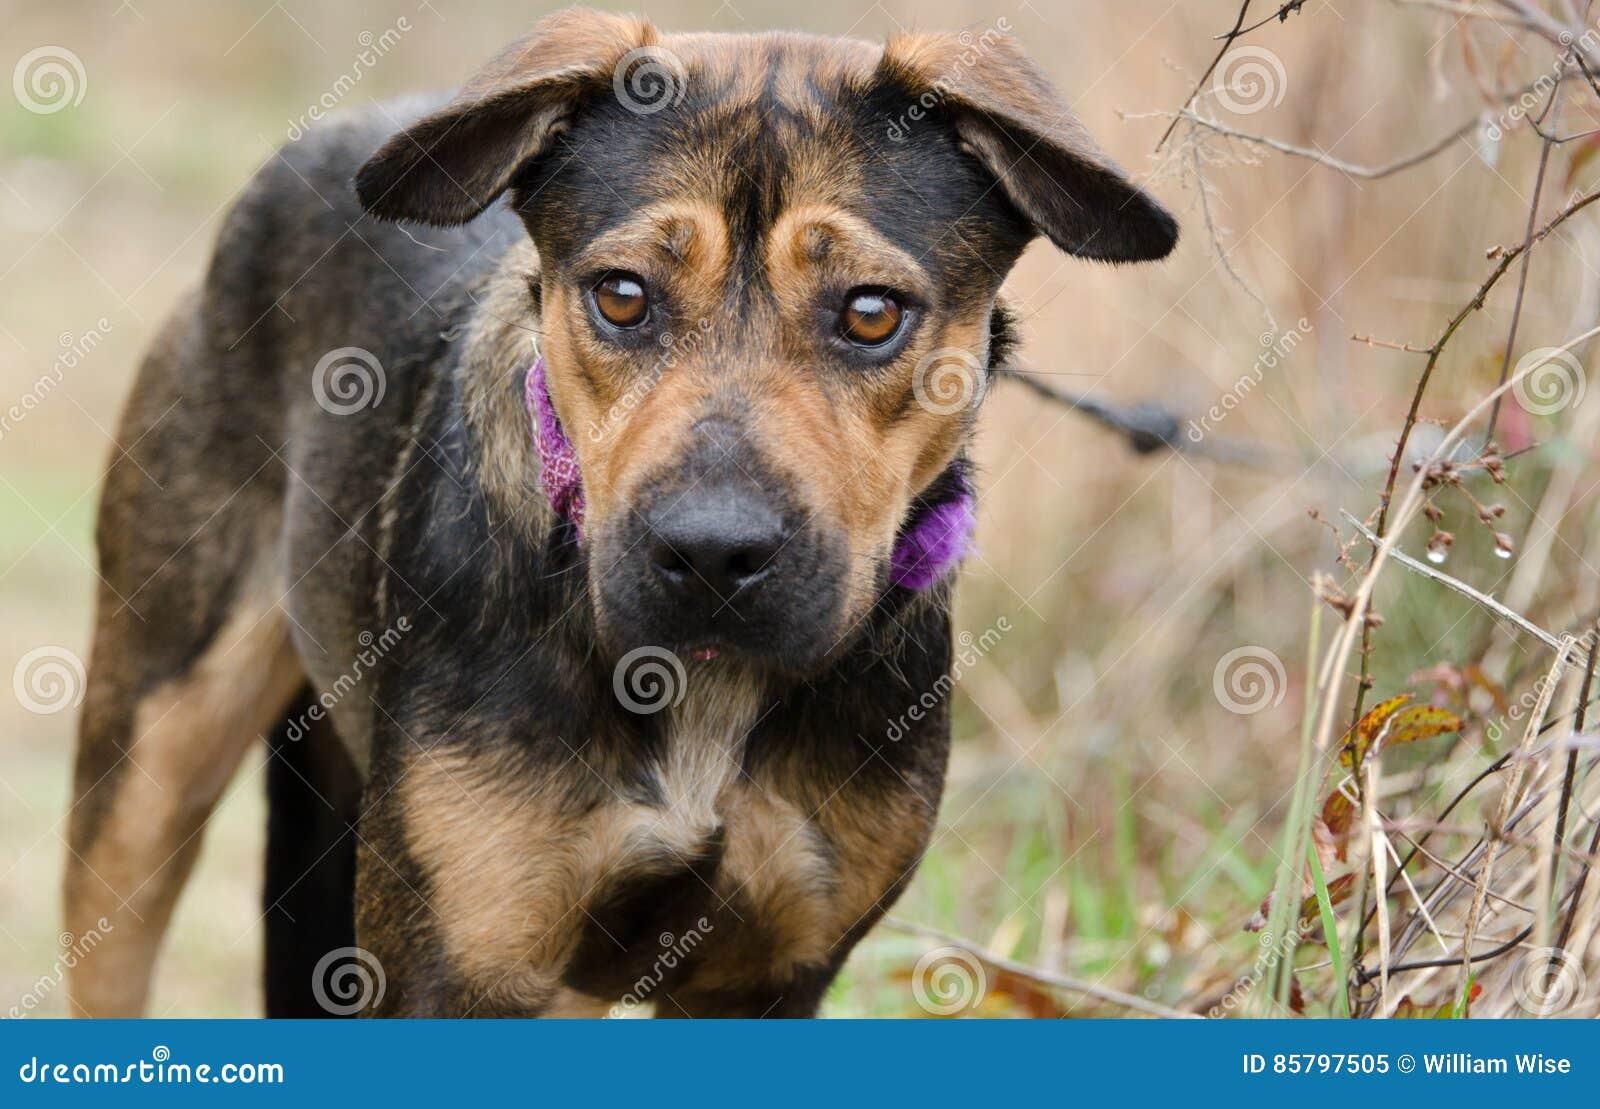 Perro mezclado pastor de la raza